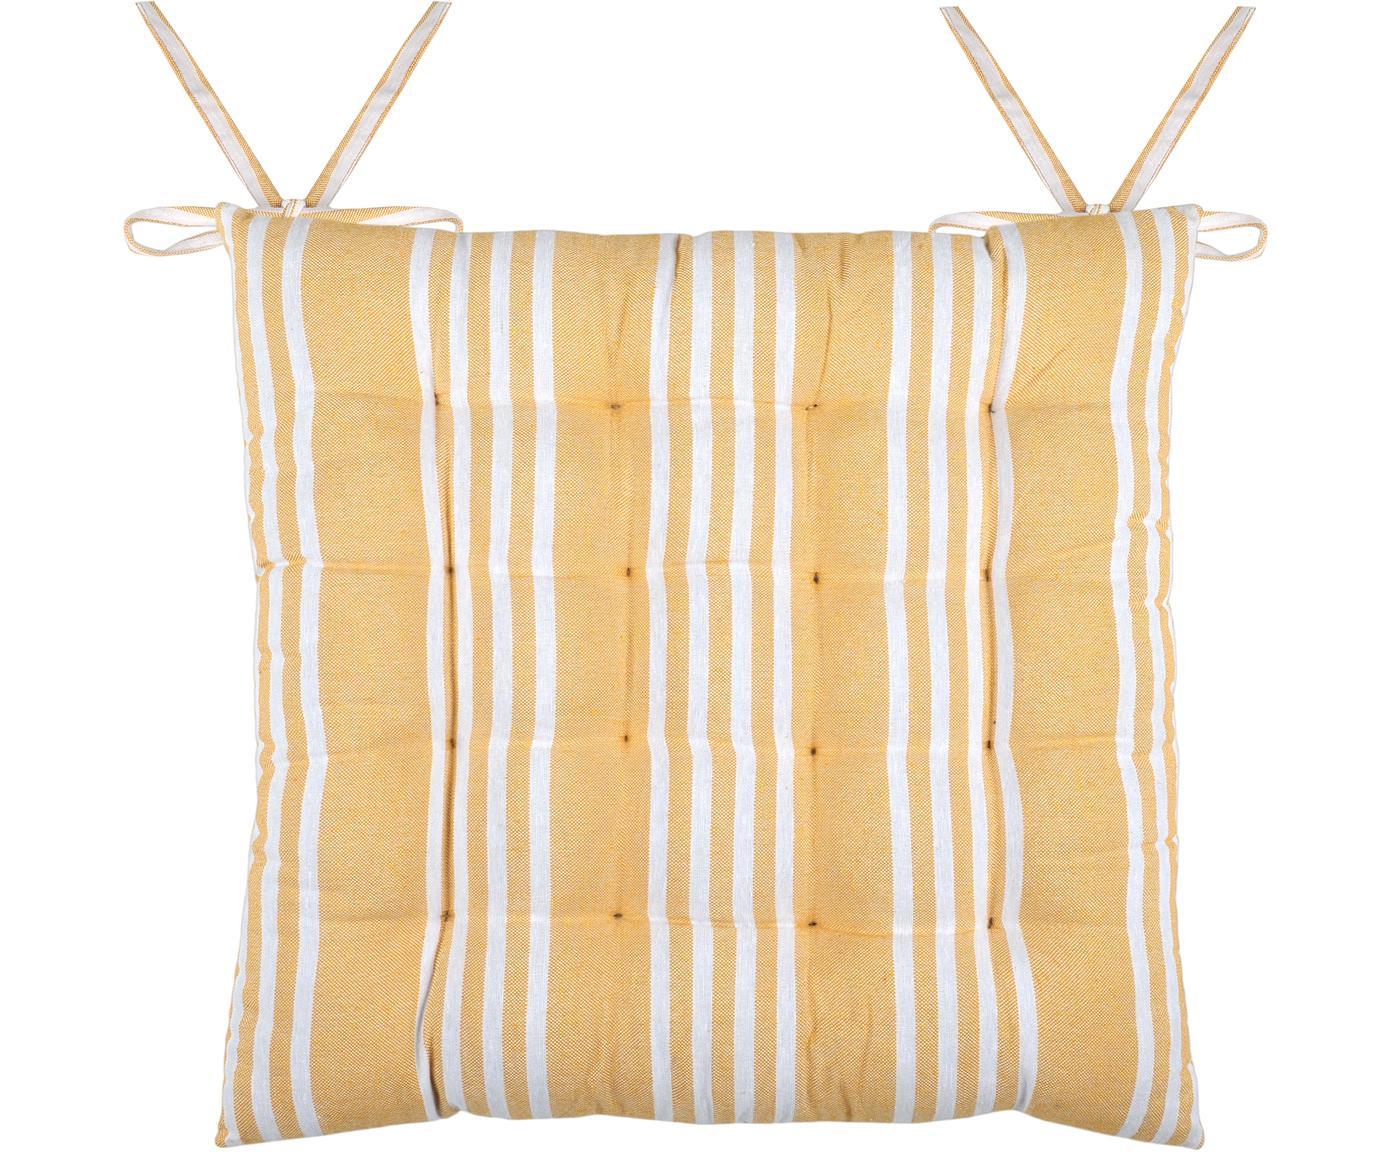 Gestreifte Sitzauflage Mandelieu in Gelb, Baumwollgemisch, Gelb, Weiss, 40 x 40 cm